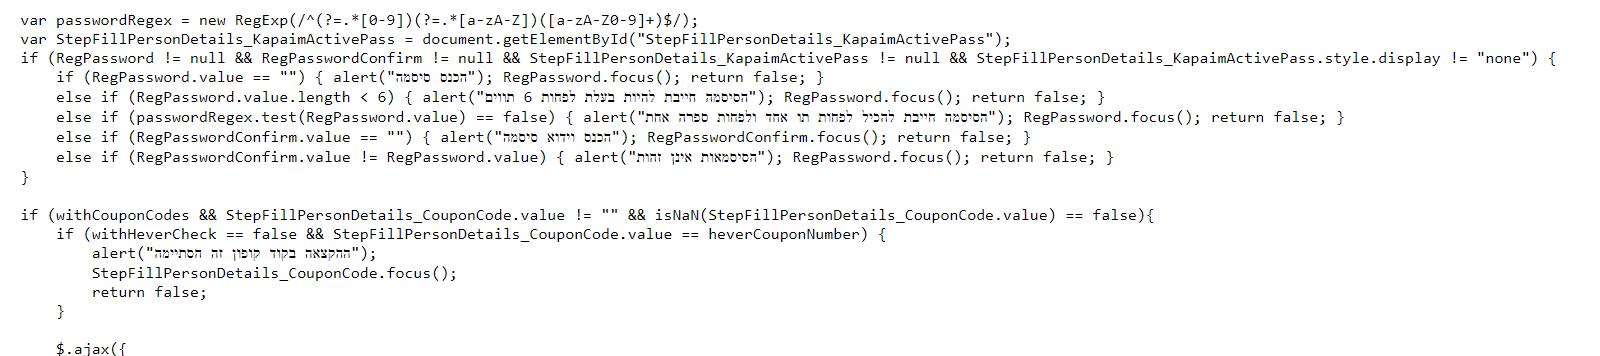 דוגמה לקוד ג'אווהסקריפט באתר נייט ראן - ללא מיניפקציה או אגרגציה